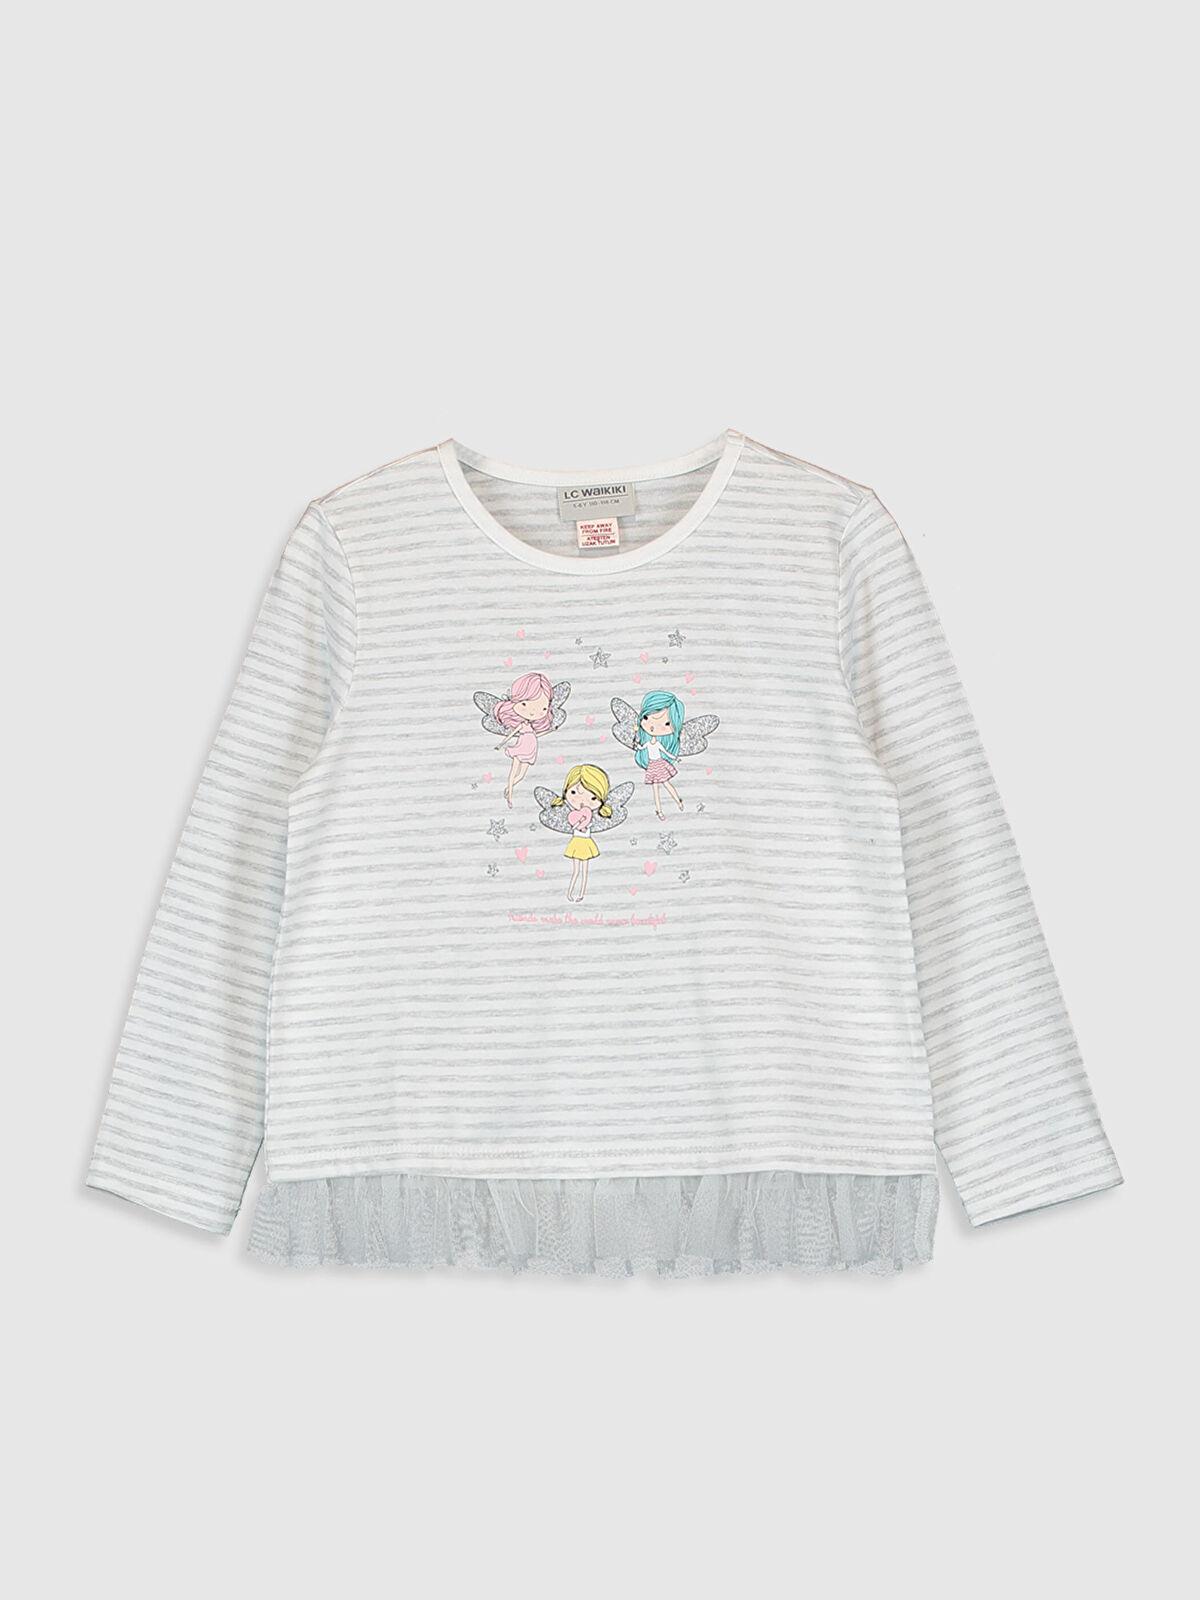 Kız Çocuk Baskılı Uzun Kollu Tişört - LC WAIKIKI